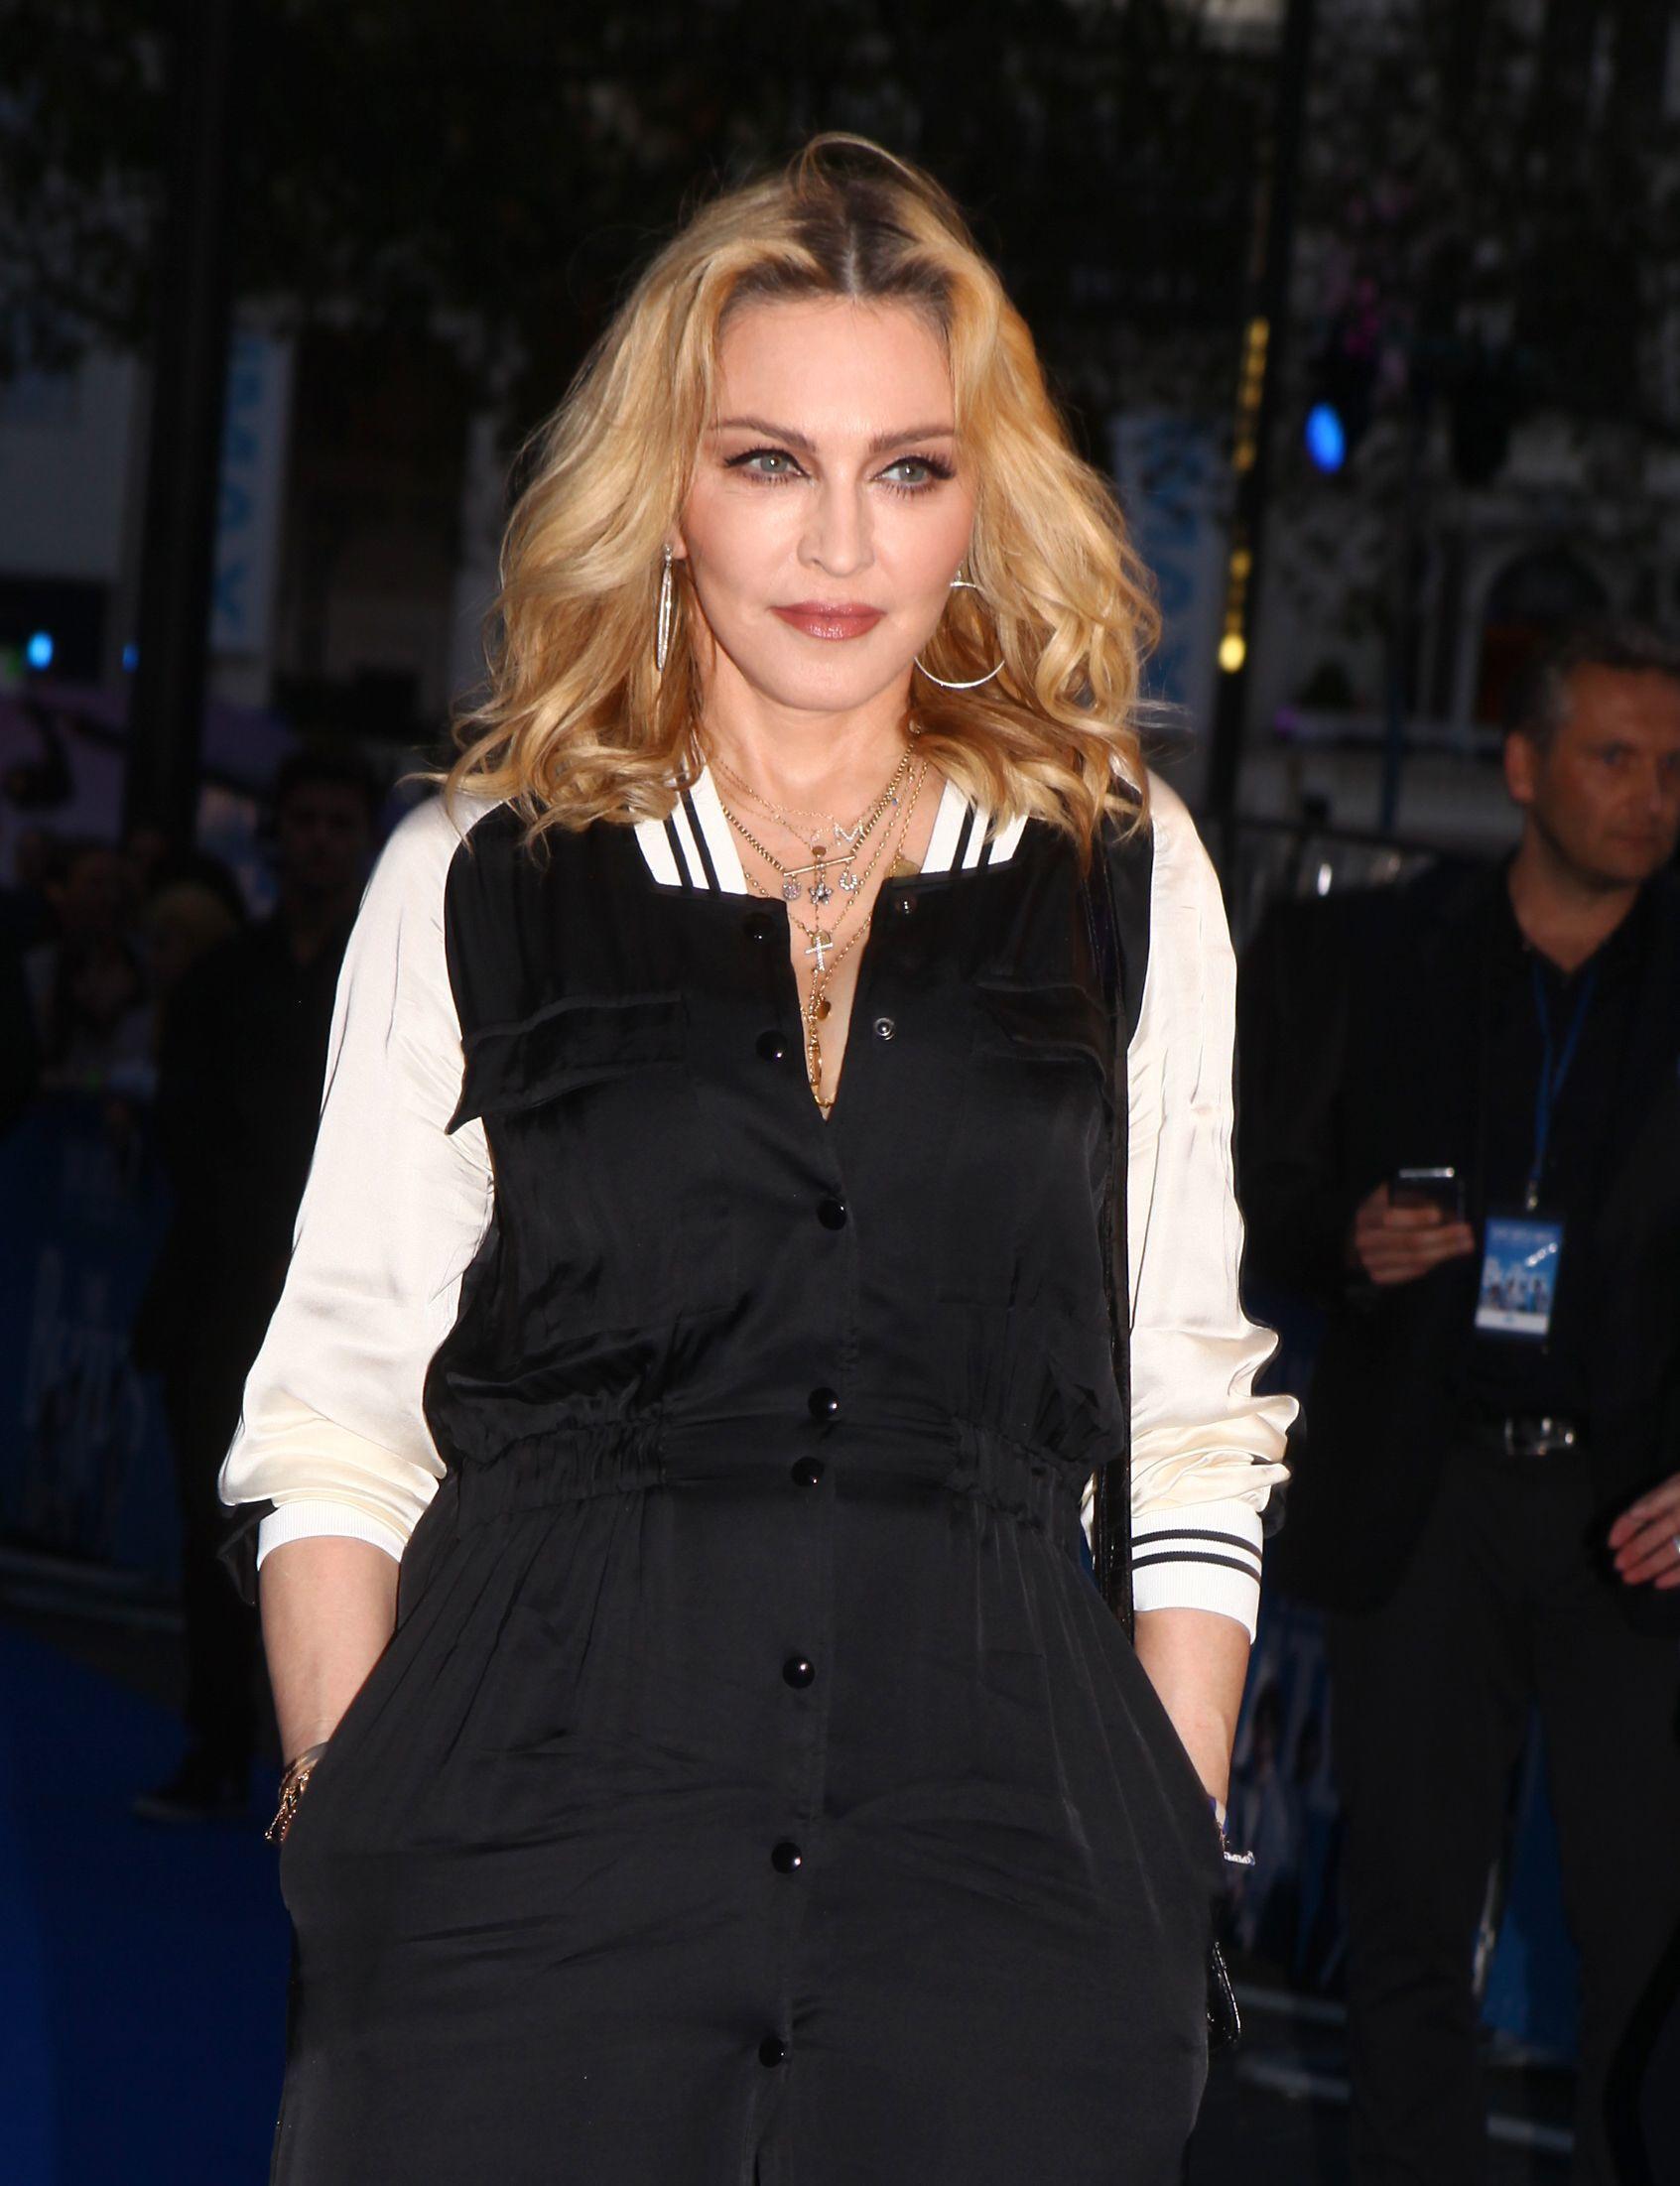 Madonna's stalker is over her